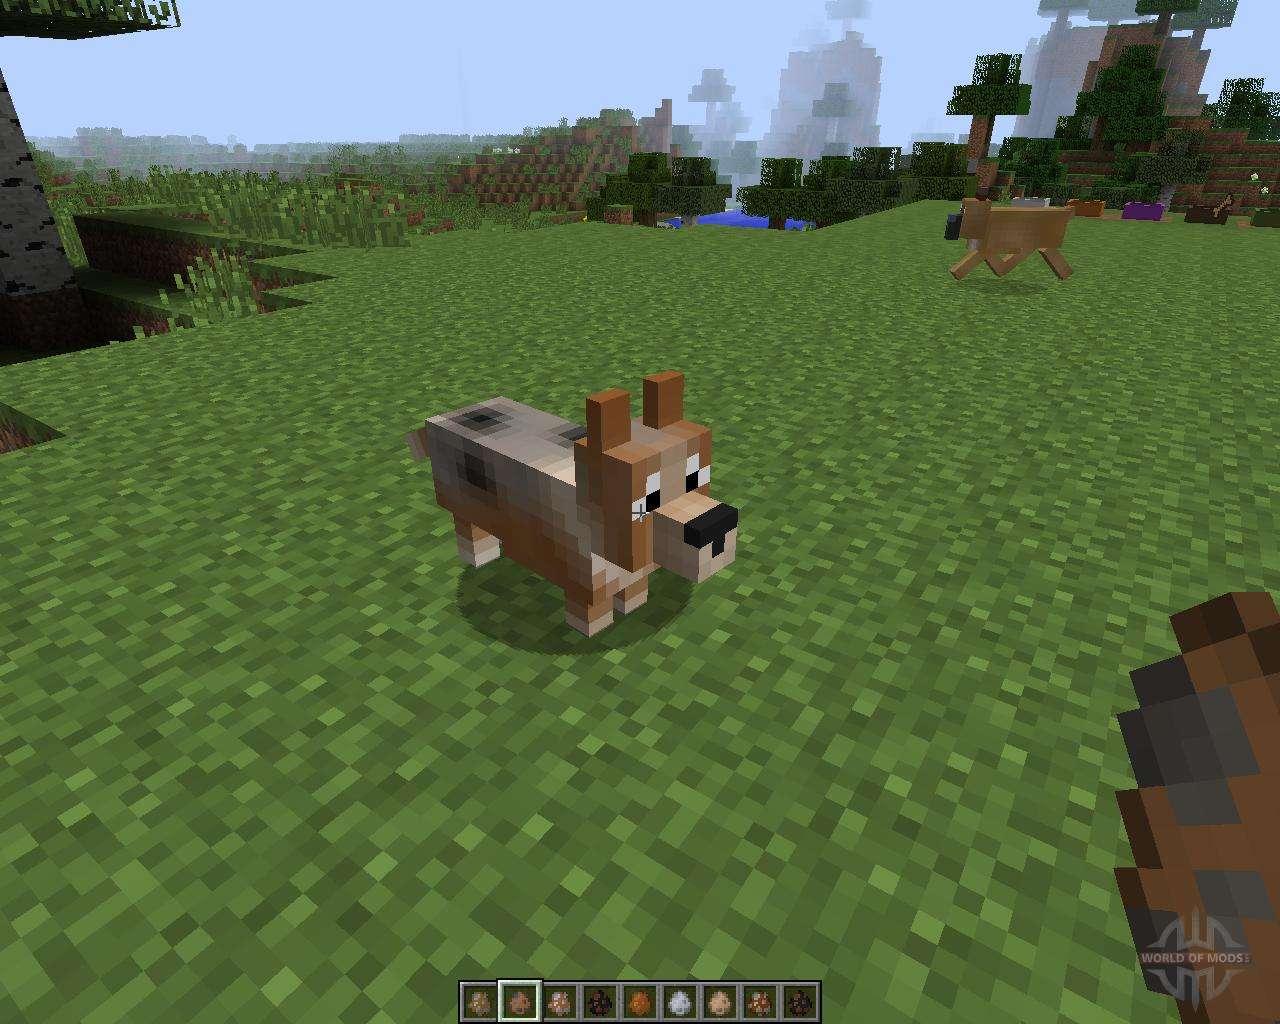 мод на собаку в майнкрафт 1.7.10